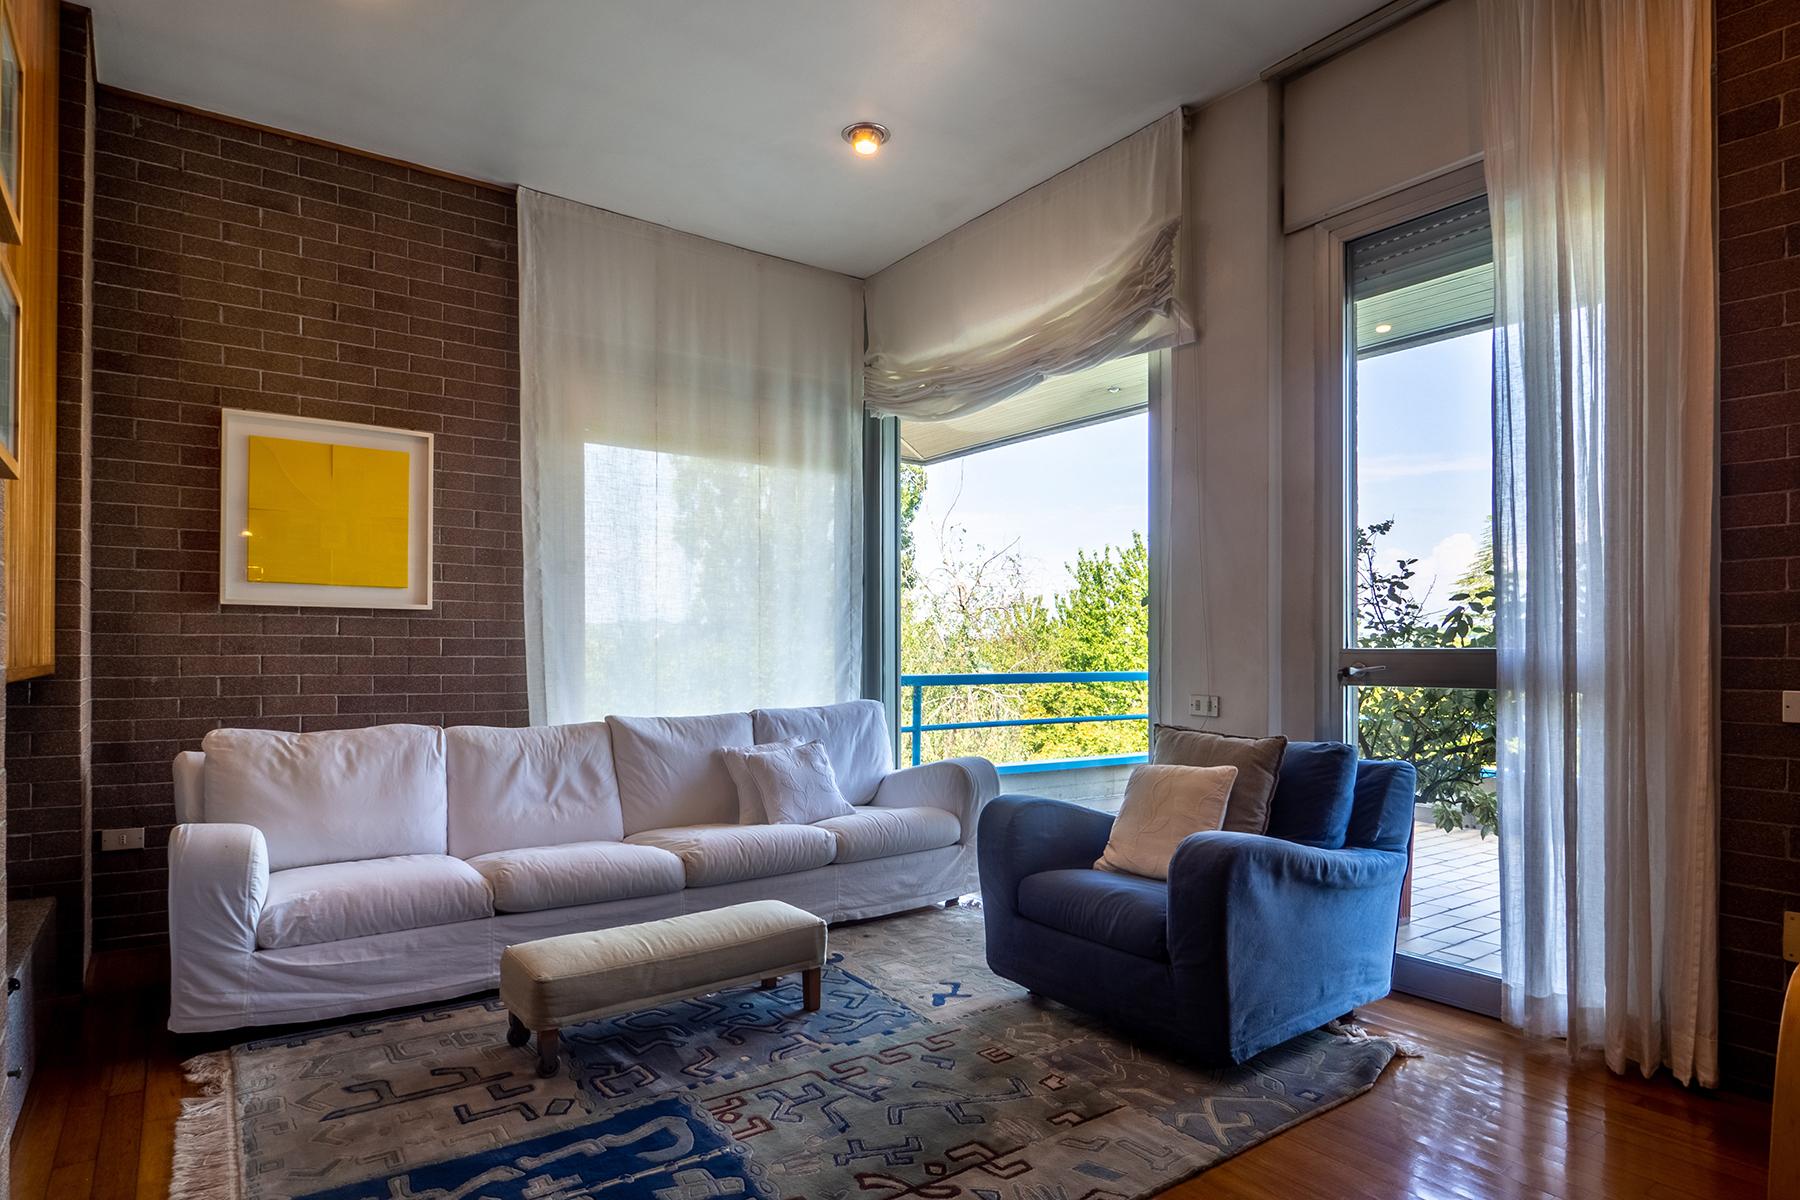 Casa indipendente in Vendita a Rosignano Monferrato: 5 locali, 290 mq - Foto 4